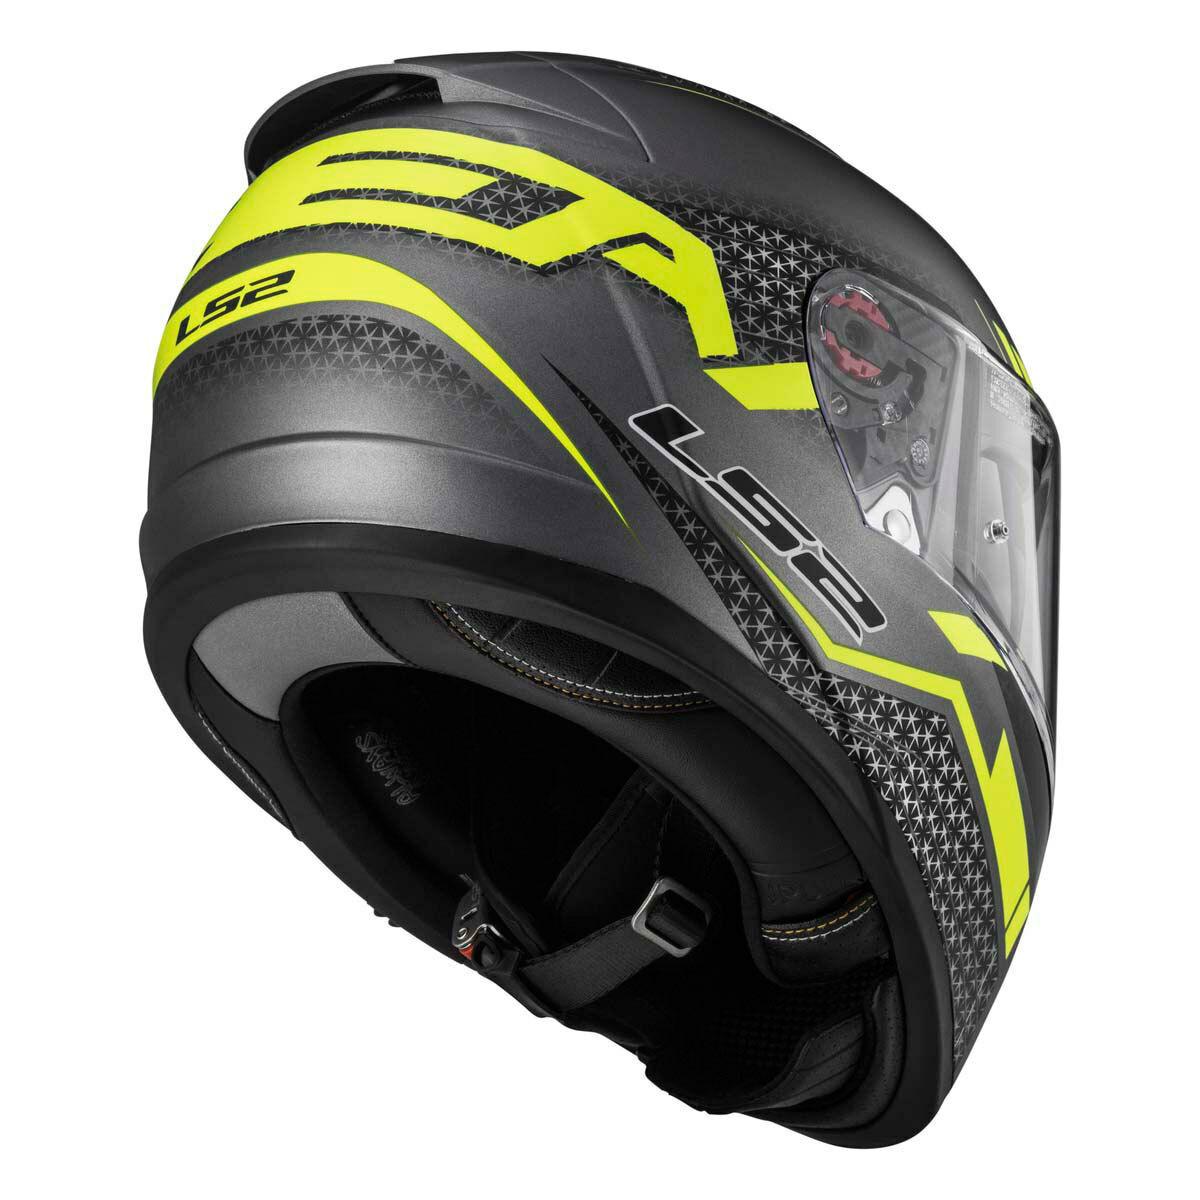 LS2 FF390 Breaker Split Motorradhelm //// Integralhelm //// UVP 179,00 €